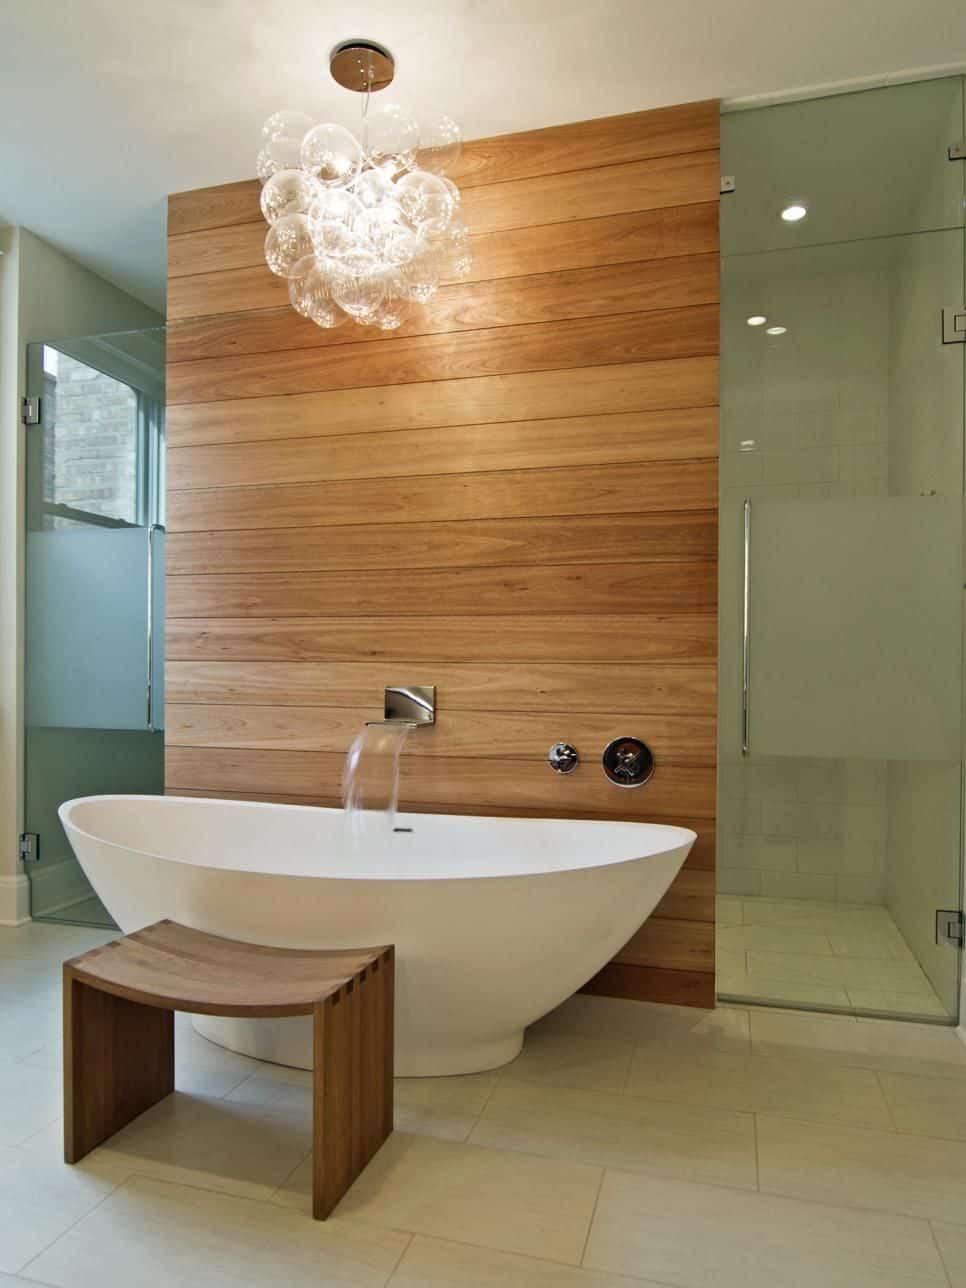 spa inspired natural wood